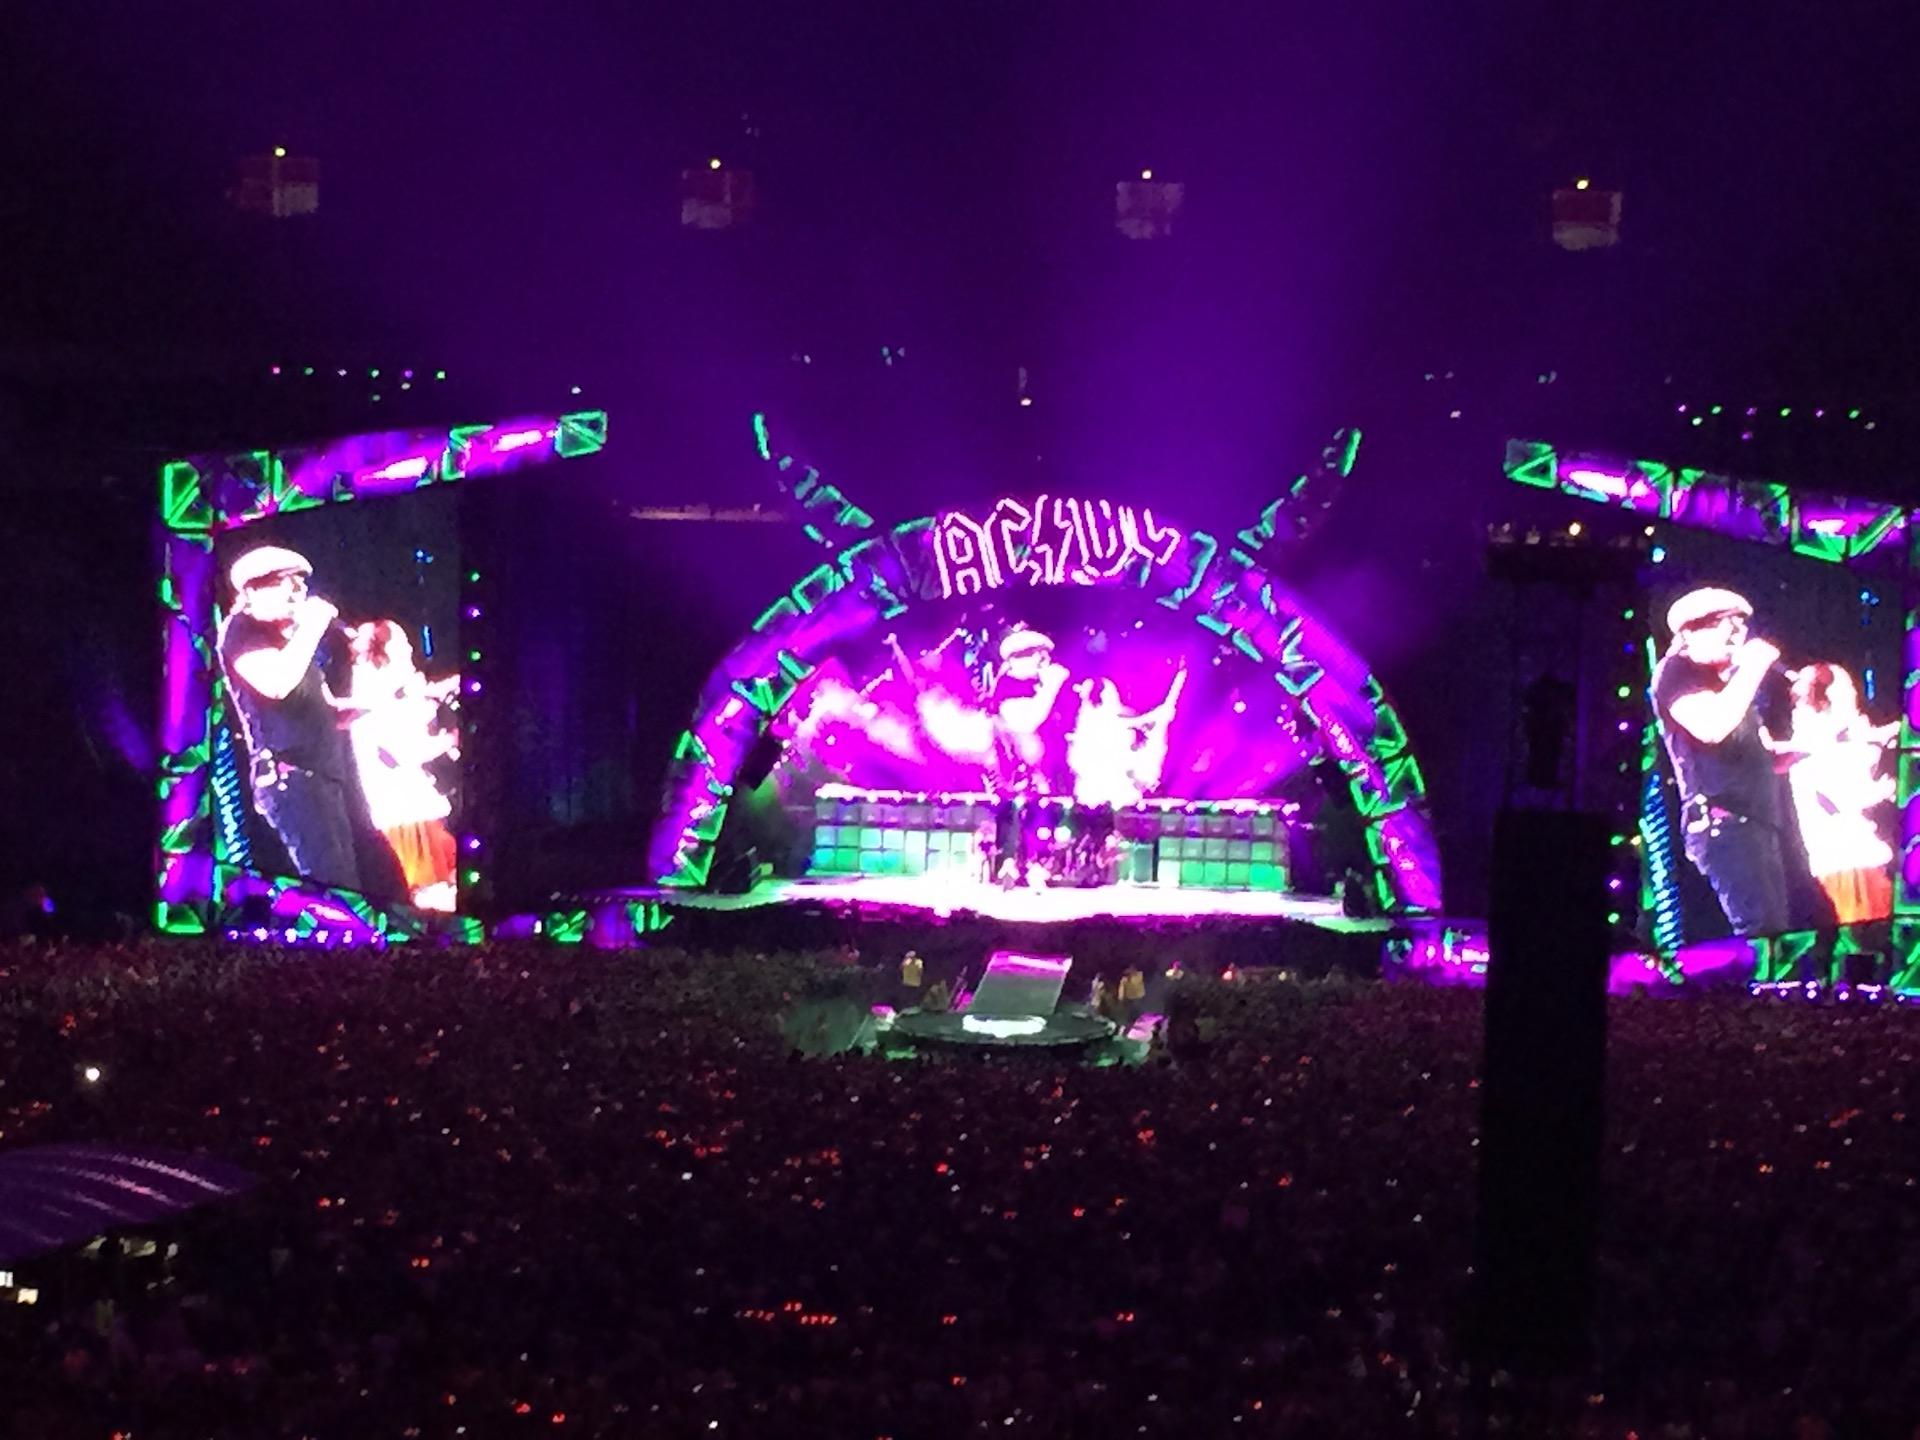 Kėdainietis Alvydas – geros muzikos ir didelių koncertų mėgėjas. Vienas paskutinių stebėtų – grupės AC/DC koncertas Varšuvoje. Dabar kraštietis su nekantrumu laukia Bon Jovi pasirodymo Taline birželį. Asmeninio archyvo nuotr.